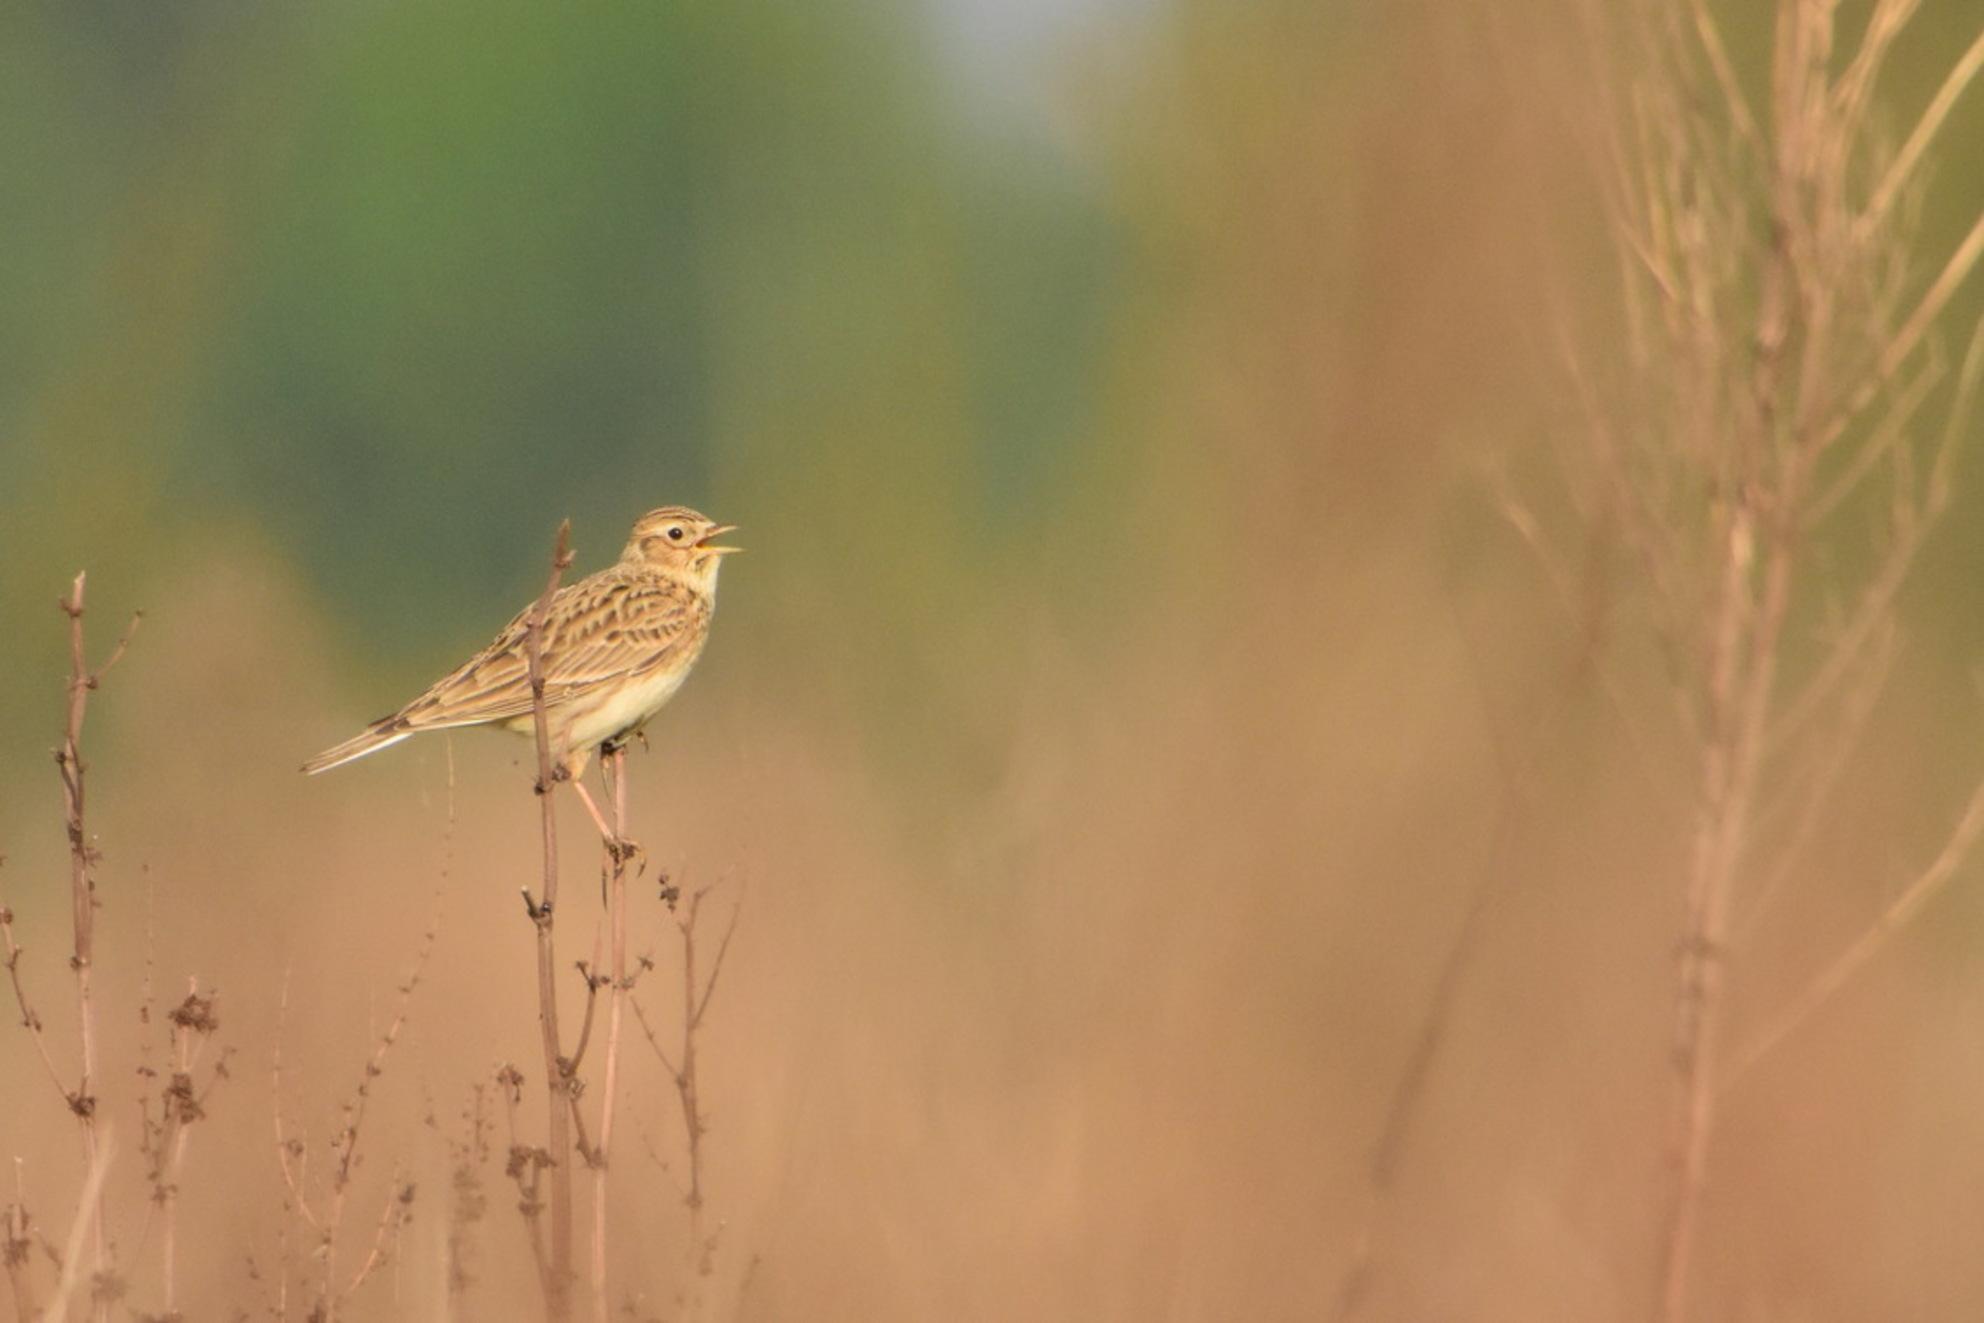 Veldleeuwerik - Het uitbundige gezang verraadde zijn plek. Vogels spotten in de Hemelrijkse Waard, waar ik compleet de tijd kan vergeten. - foto door Dieke Steeg op 29-04-2020 - deze foto bevat: groen, lente, natuur, licht, dieren, vogel, landschap, voorjaar, nederland, maas, leeuwerik, zangvogel, maasoever, veldleeuwerik - Deze foto mag gebruikt worden in een Zoom.nl publicatie